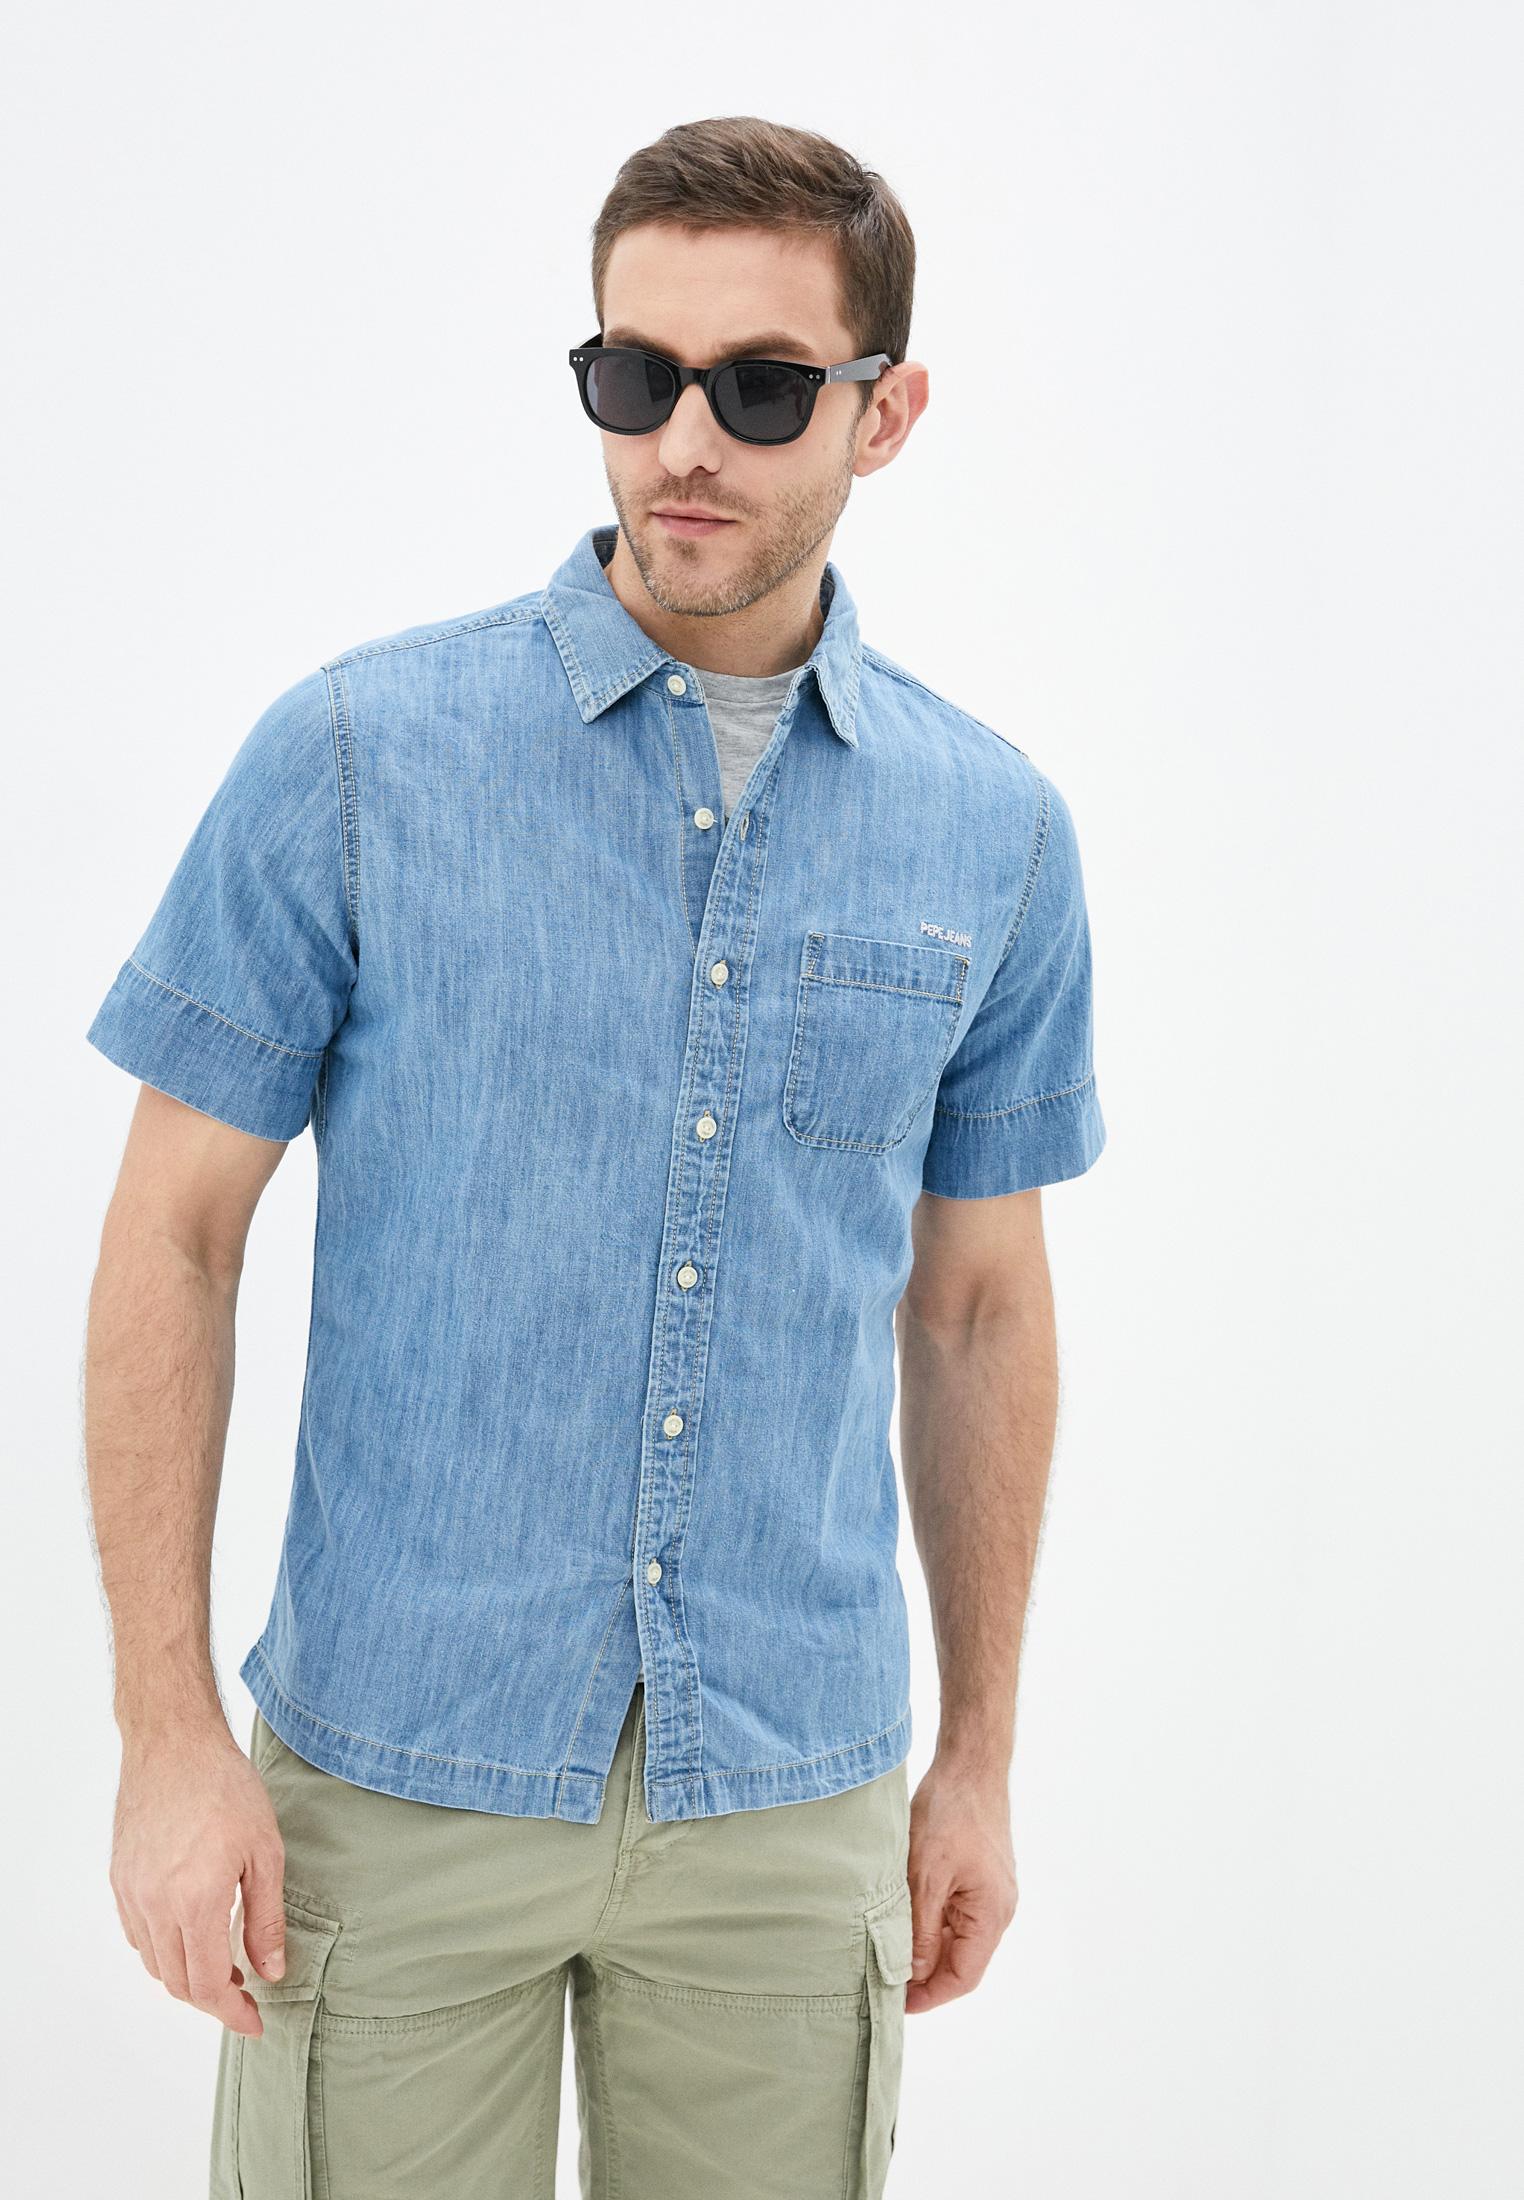 Рубашка Pepe Jeans (Пепе Джинс) Рубашка джинсовая Pepe Jeans